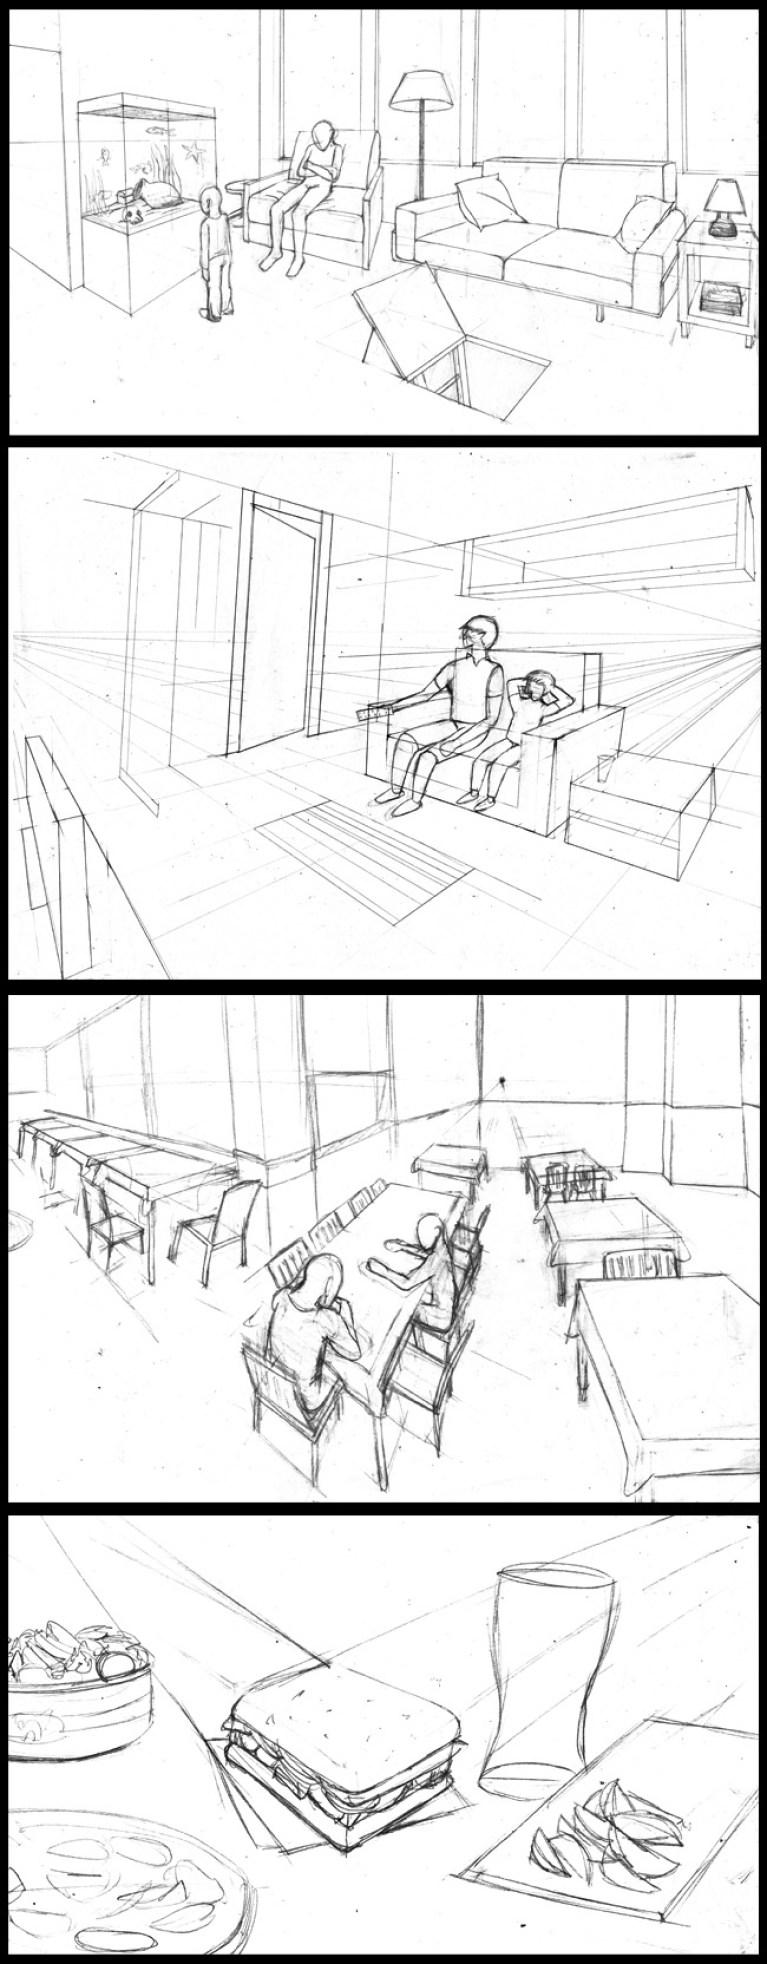 Perspectiva-en-Academiac10-Interiores-y-personajes